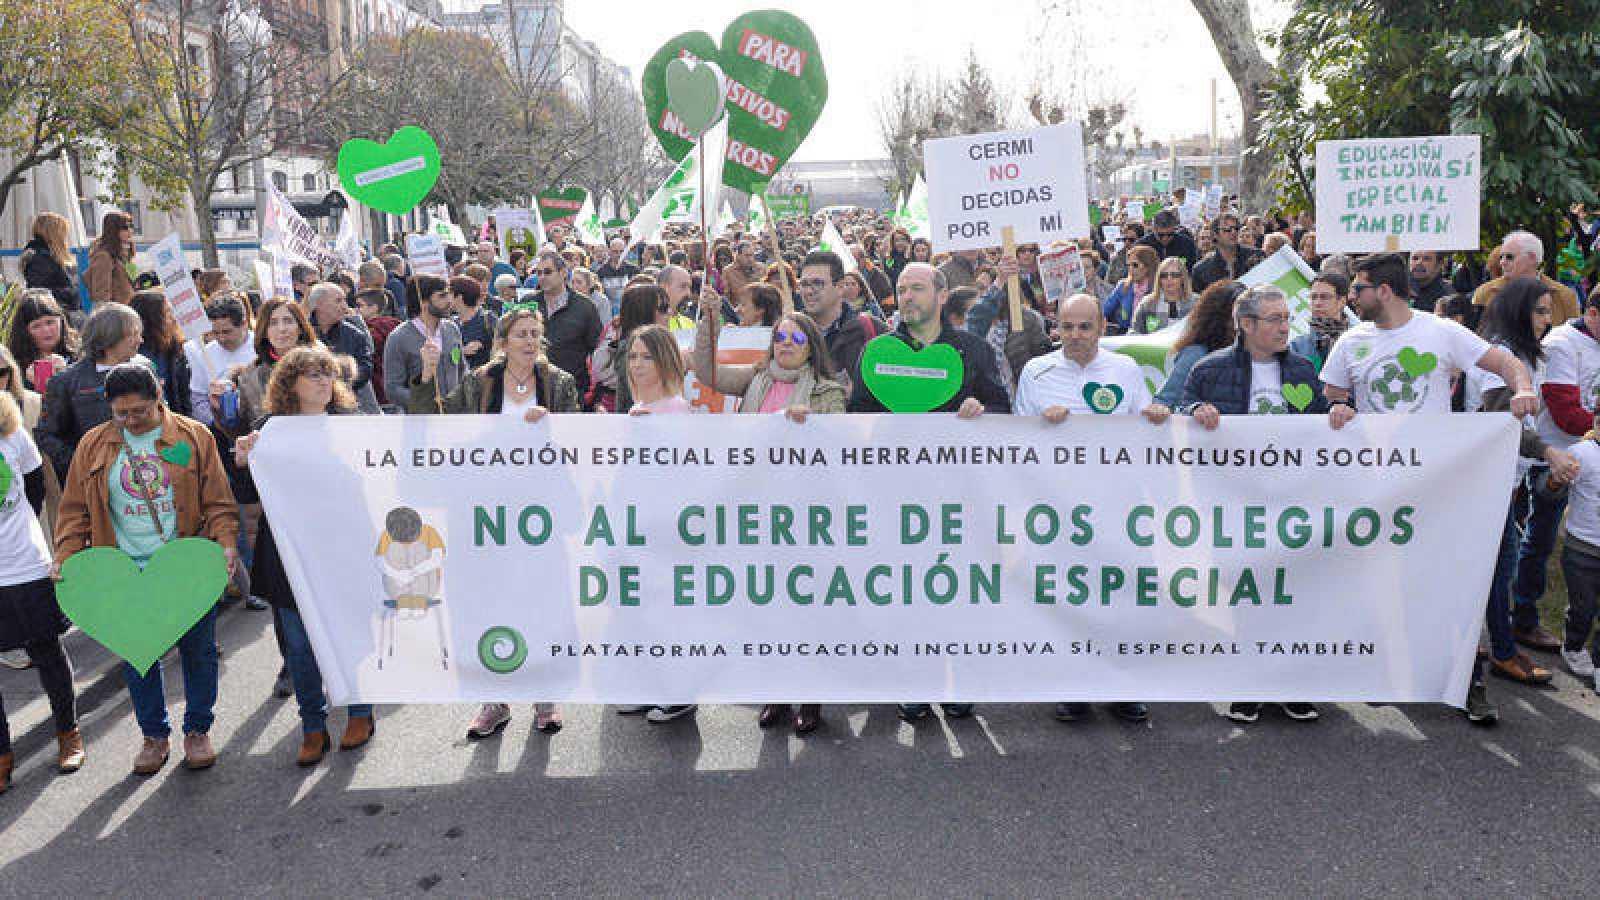 Manifestación en Valladolid para defender la educación especial como una modalidad más de escolarización